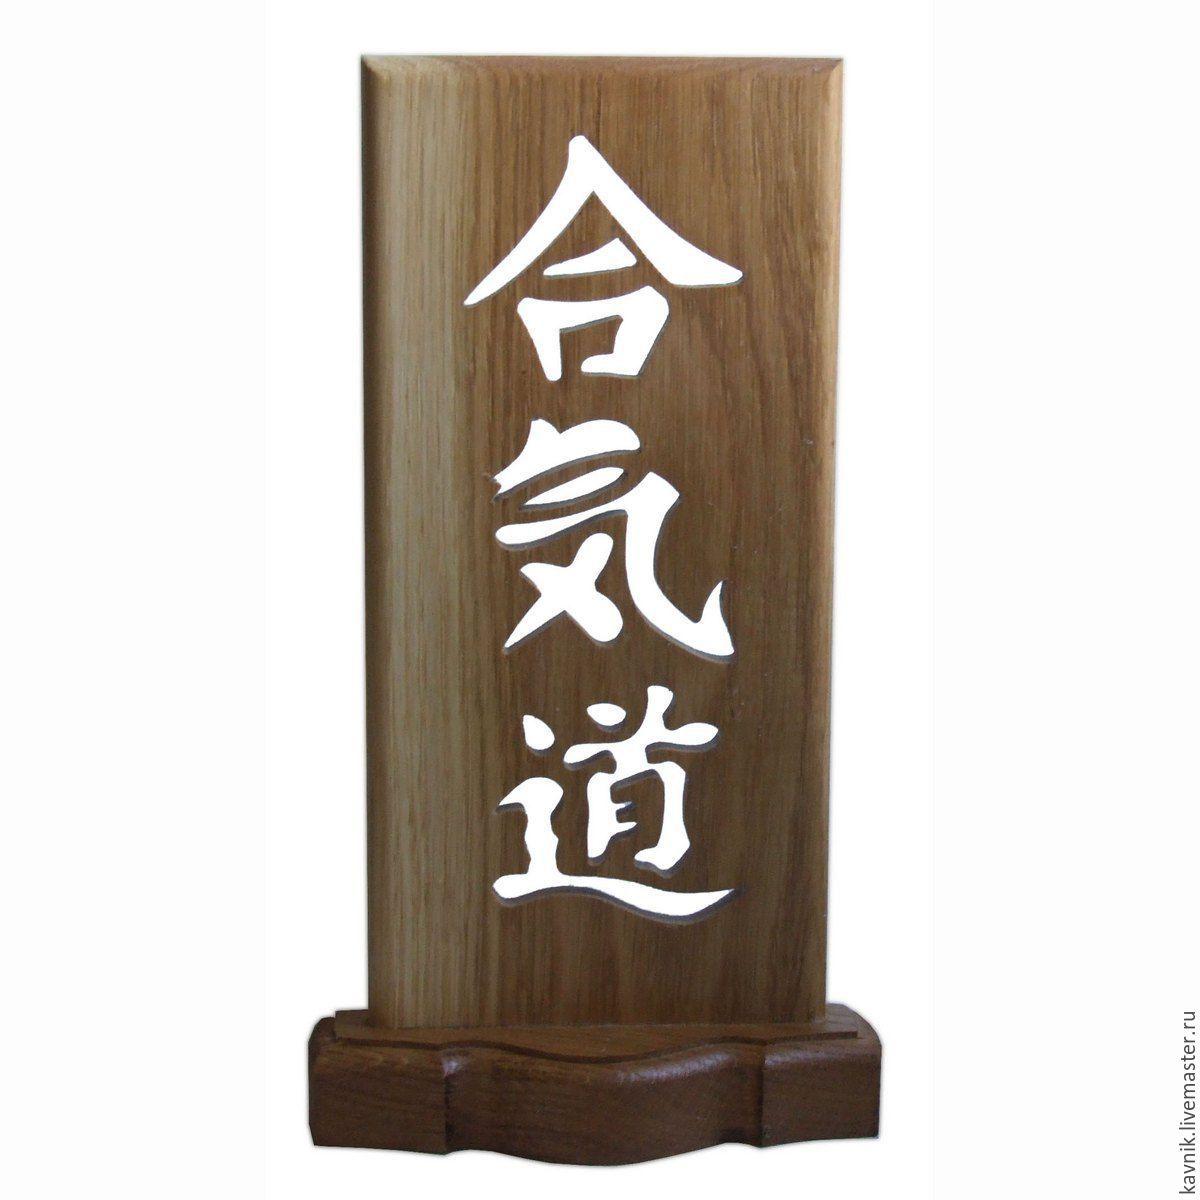 Табличка с иероглифом АЙКИДО | Айкидо, Китайские иероглифы ...